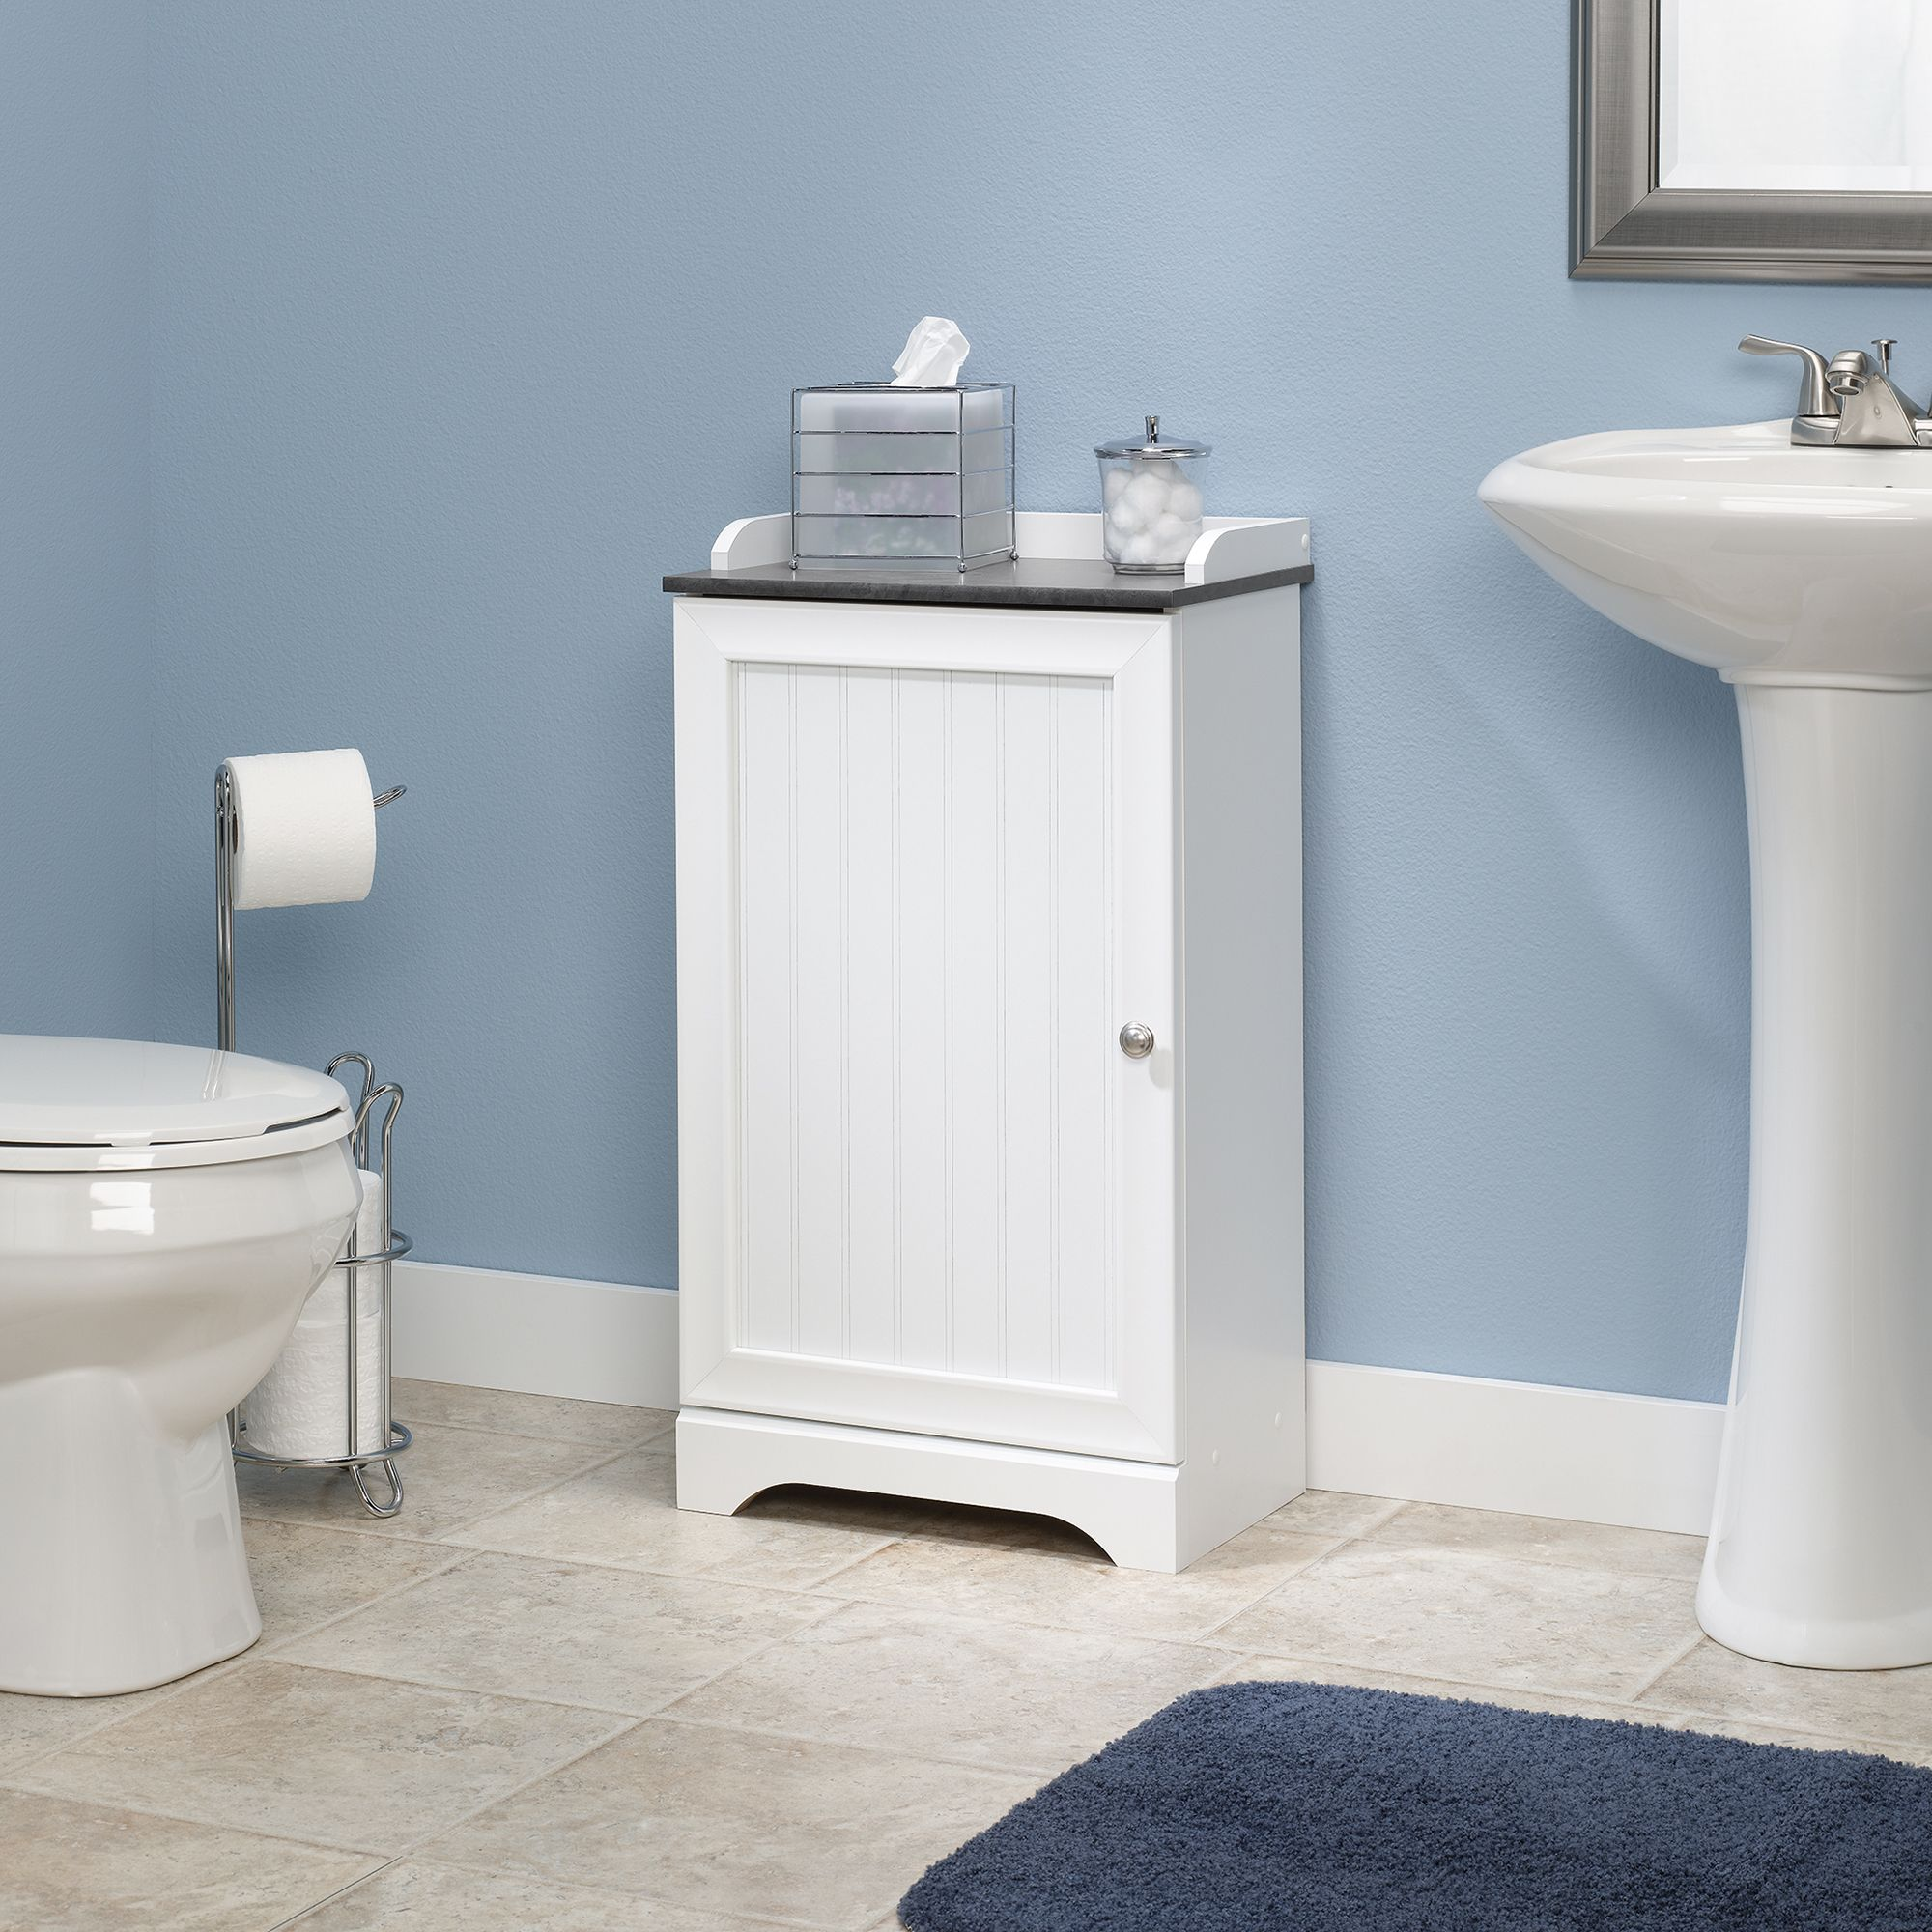 Stylish Inspiration Small Bathroom Floor Cabinet Sauder Bath 414032 Badezimmer Schrank Aufbewahrung Fur Kleines Badezimmer Bodenbelag Fur Badezimmer